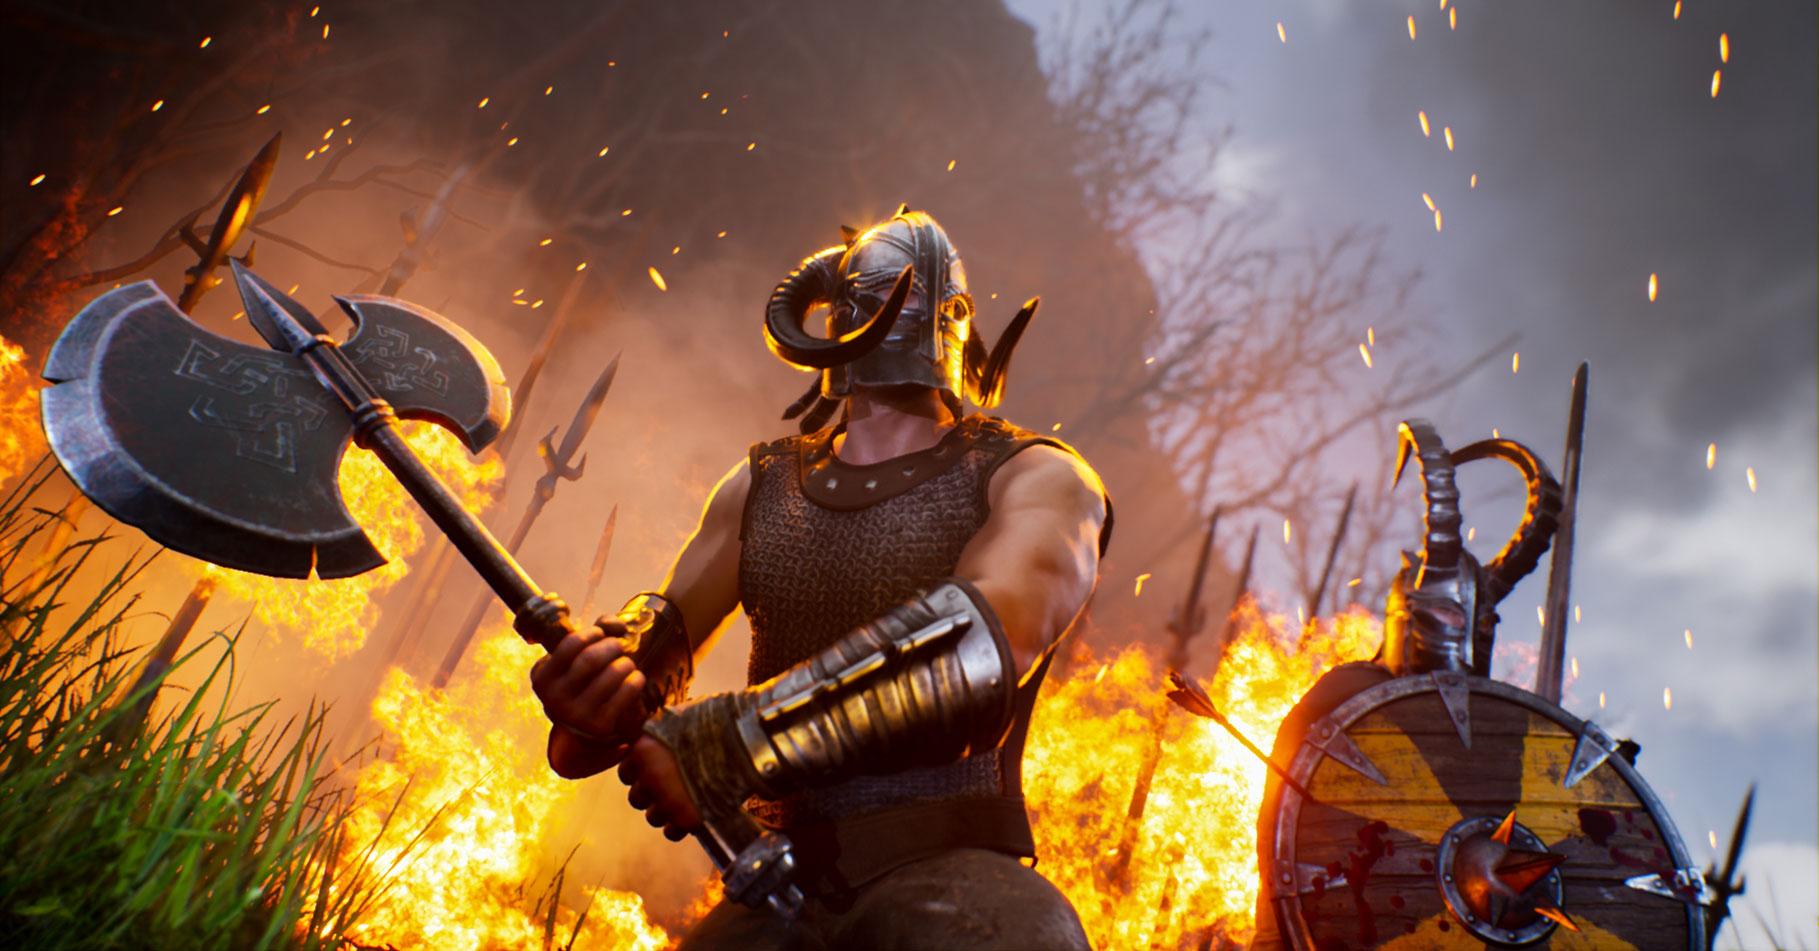 Vikingský RPG titul Rune: Ragnarok na prvních screenshotech 154027